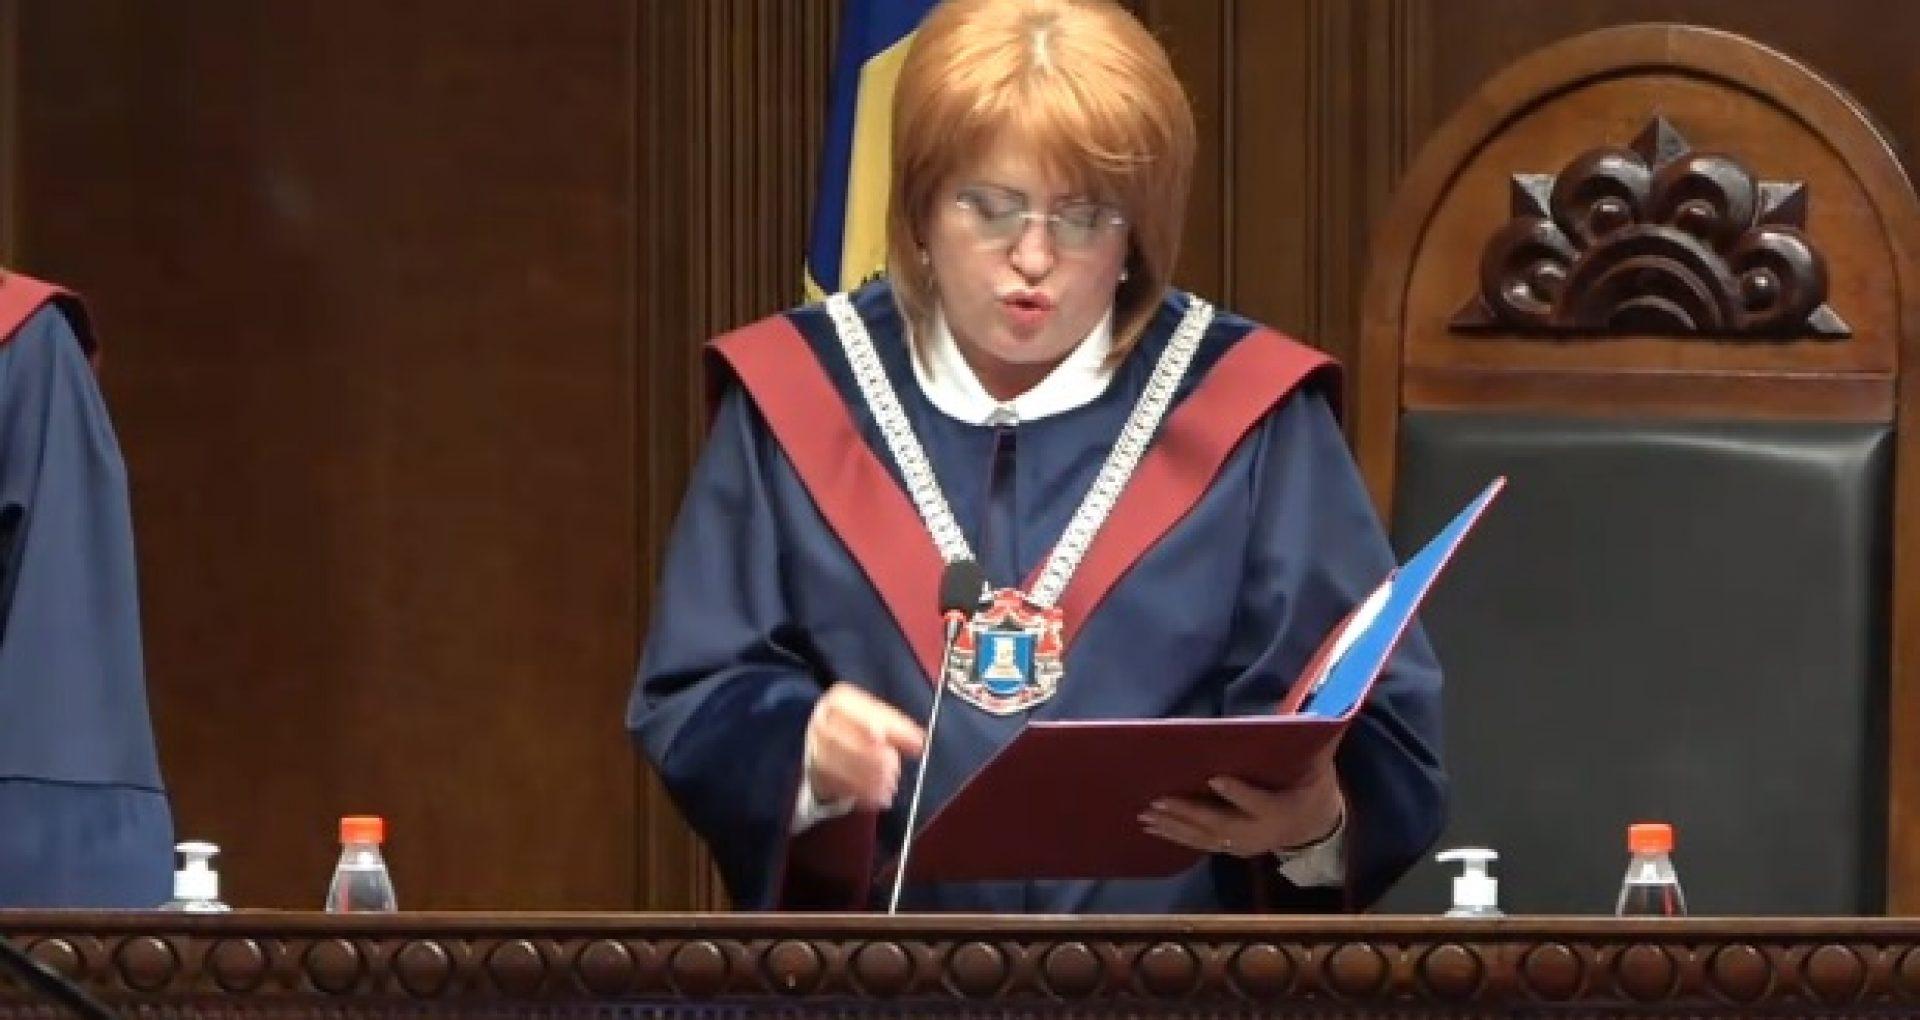 """Președinta Curții Constituționale, Domnica Manole, oferă detalii în legătură cu solicitarea de a-i fi acordată pază și protecție de stat: """"Simt o stare de pericol"""""""